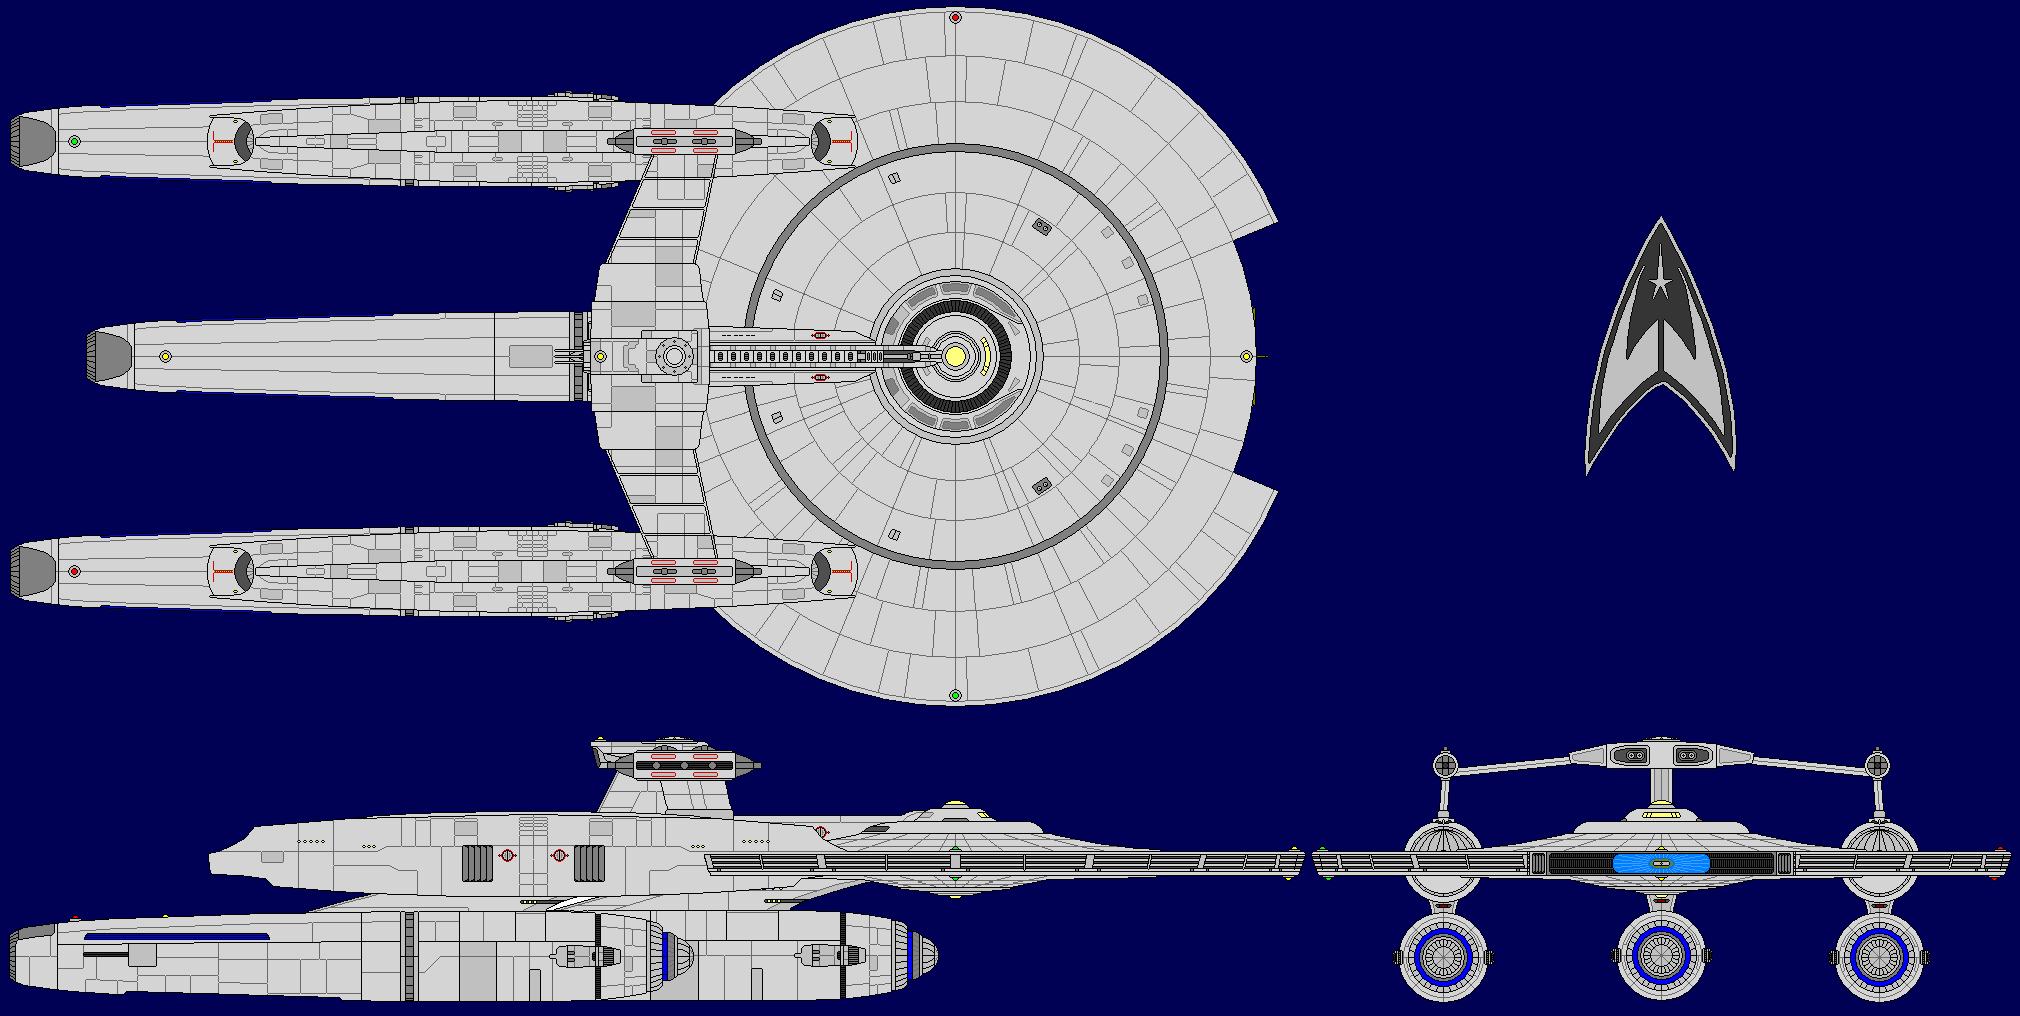 Nimitz Class Carrier Schematics Nimitz Class Carrier by